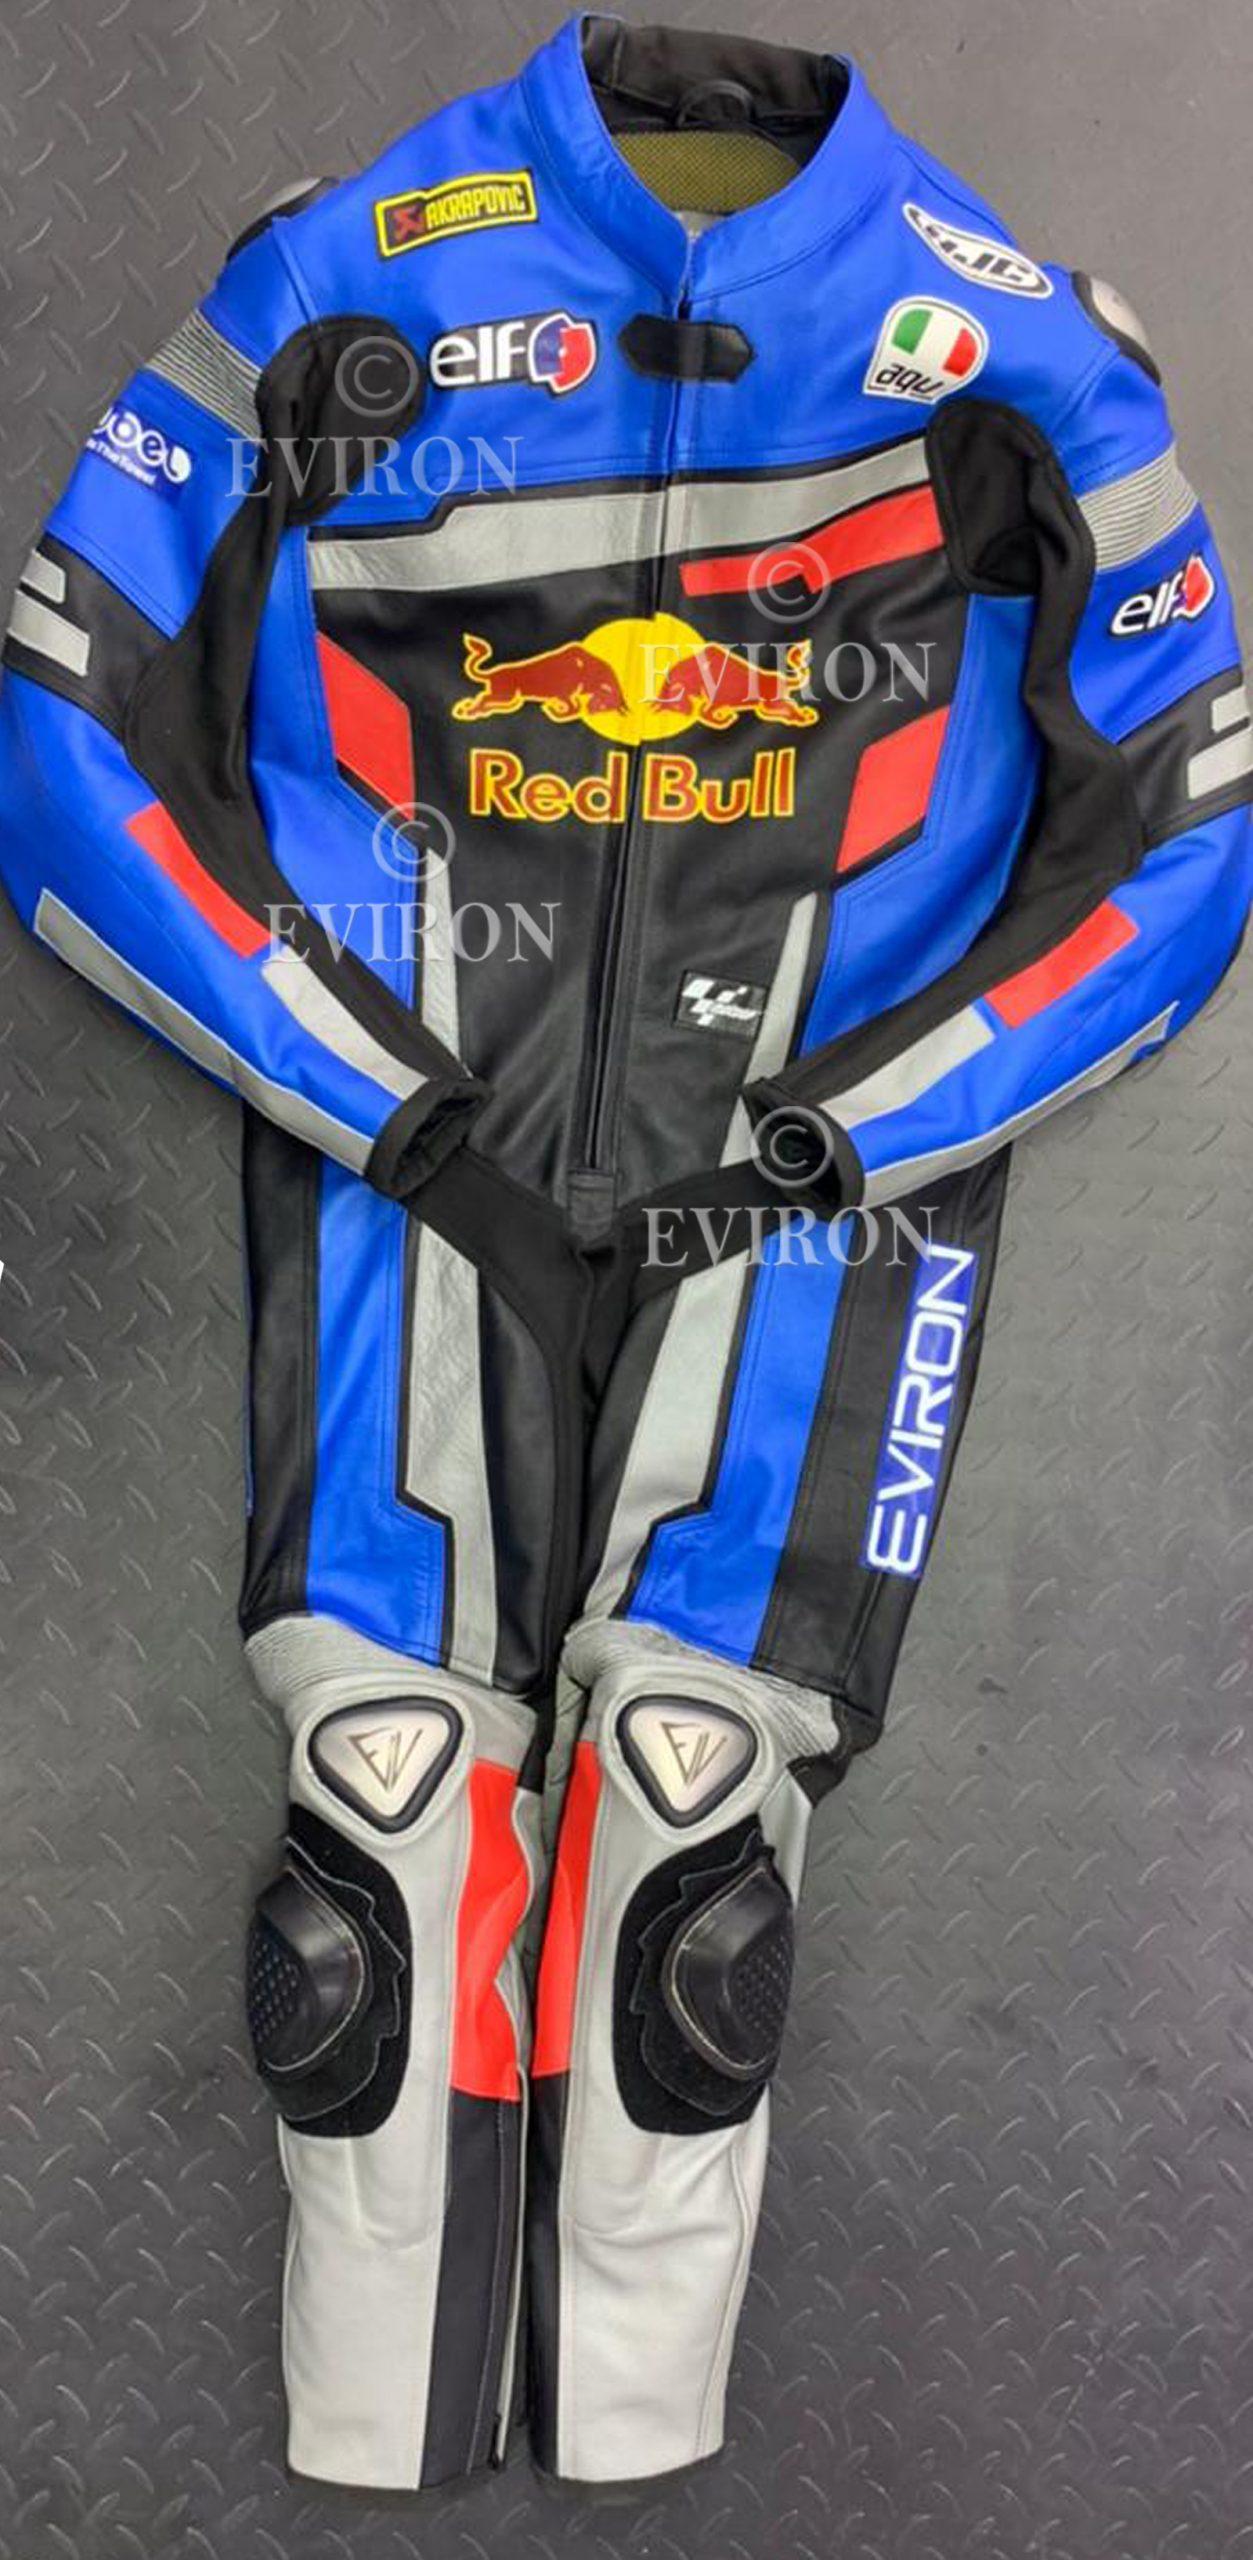 New Blue Suit1